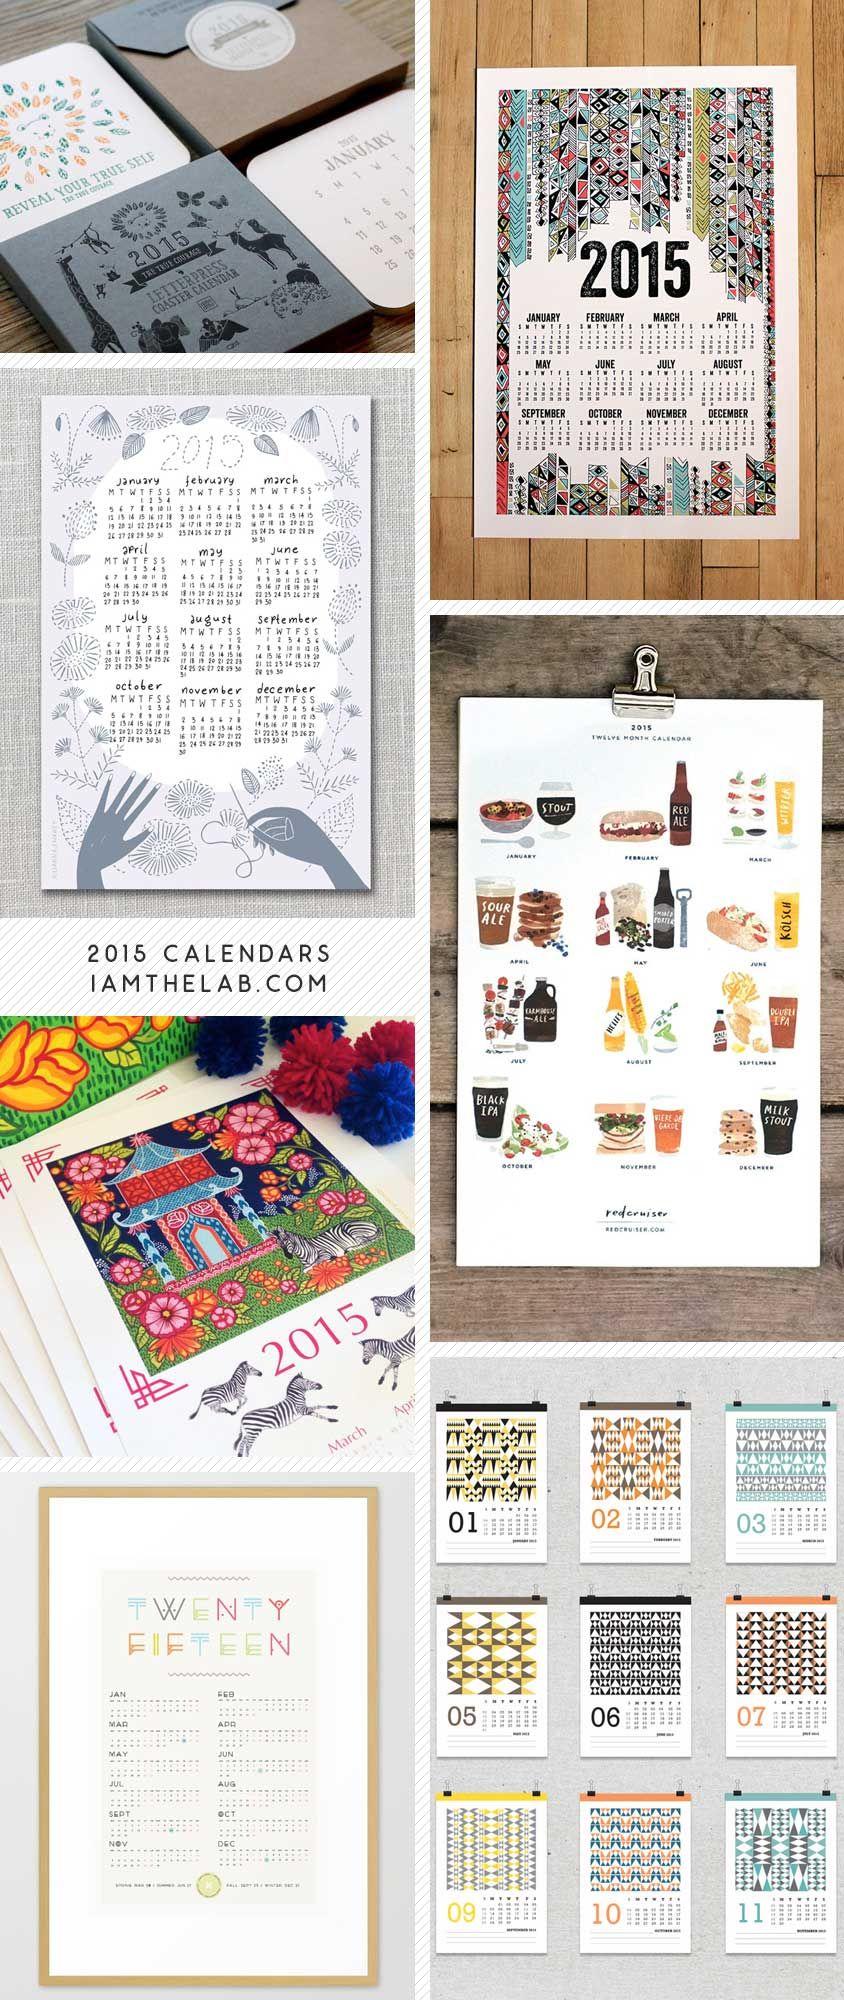 Handmade Calendar Design : Handmade modern calendars via iamthelab lab